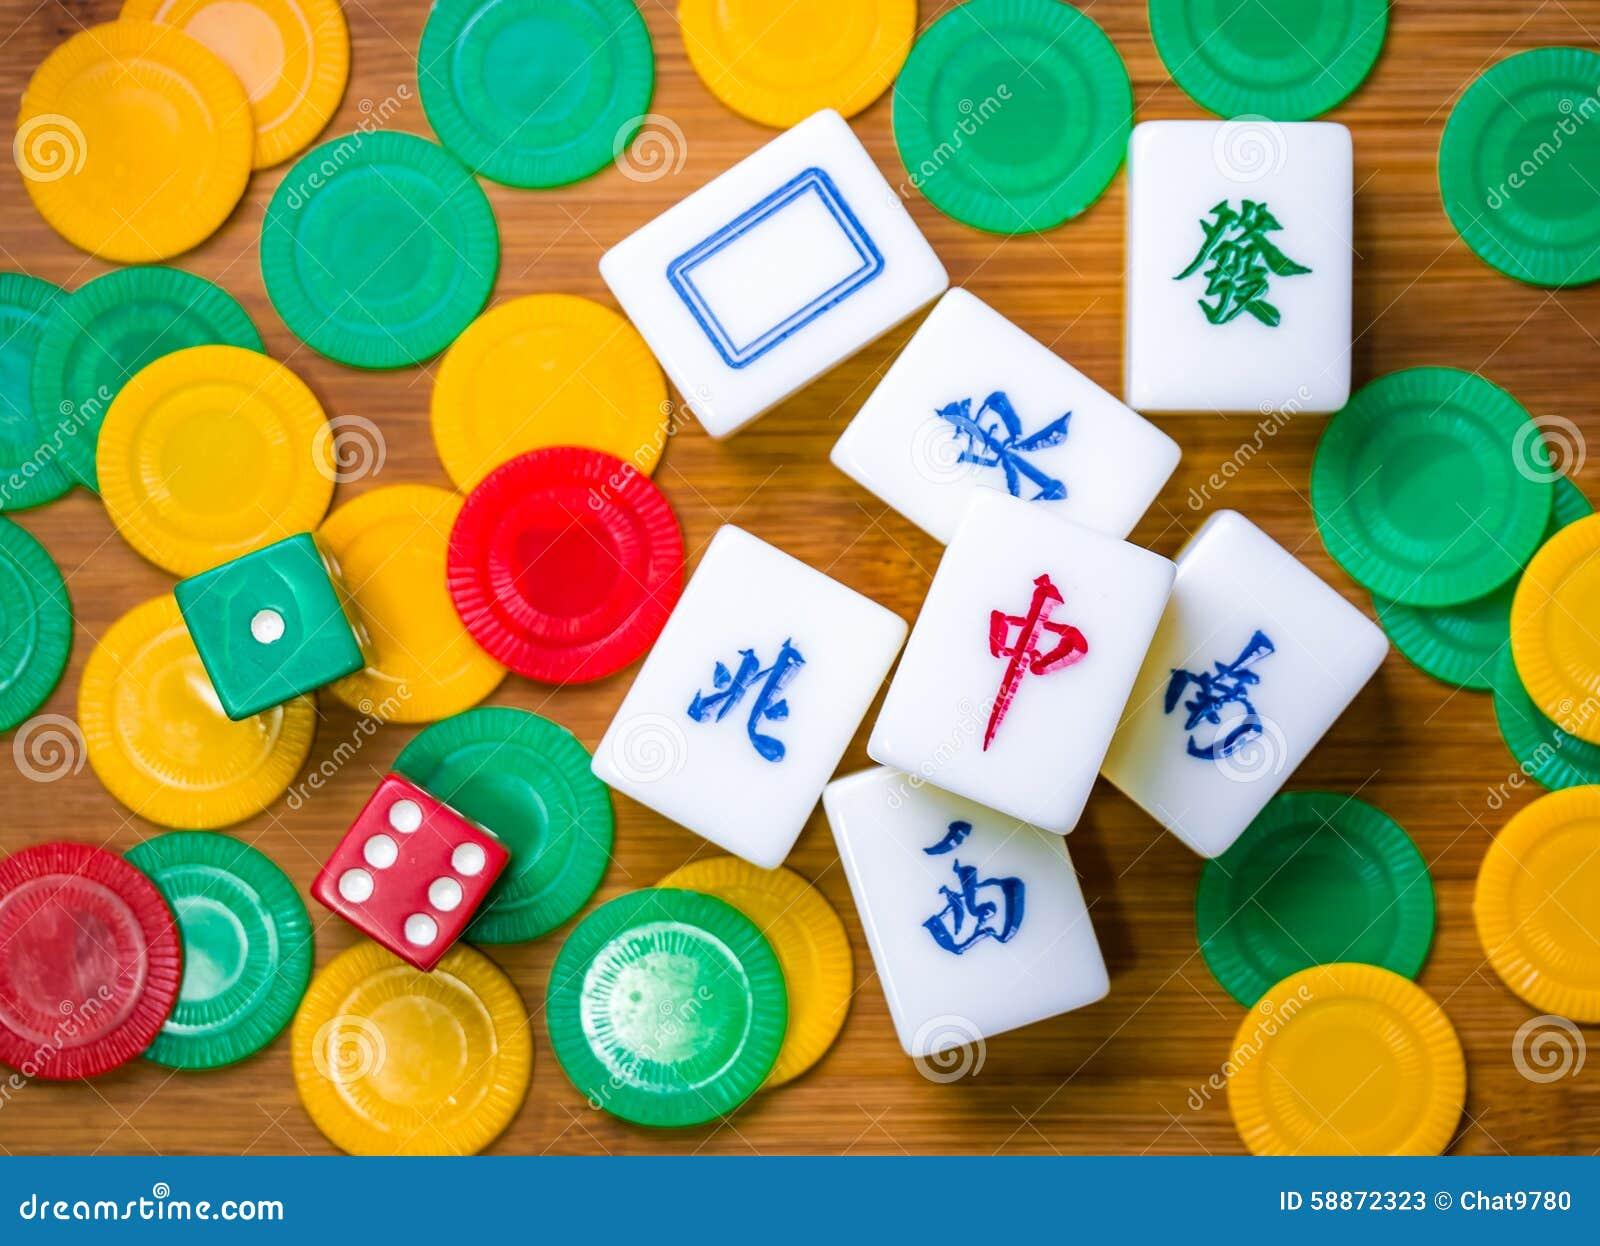 mahjong download chip